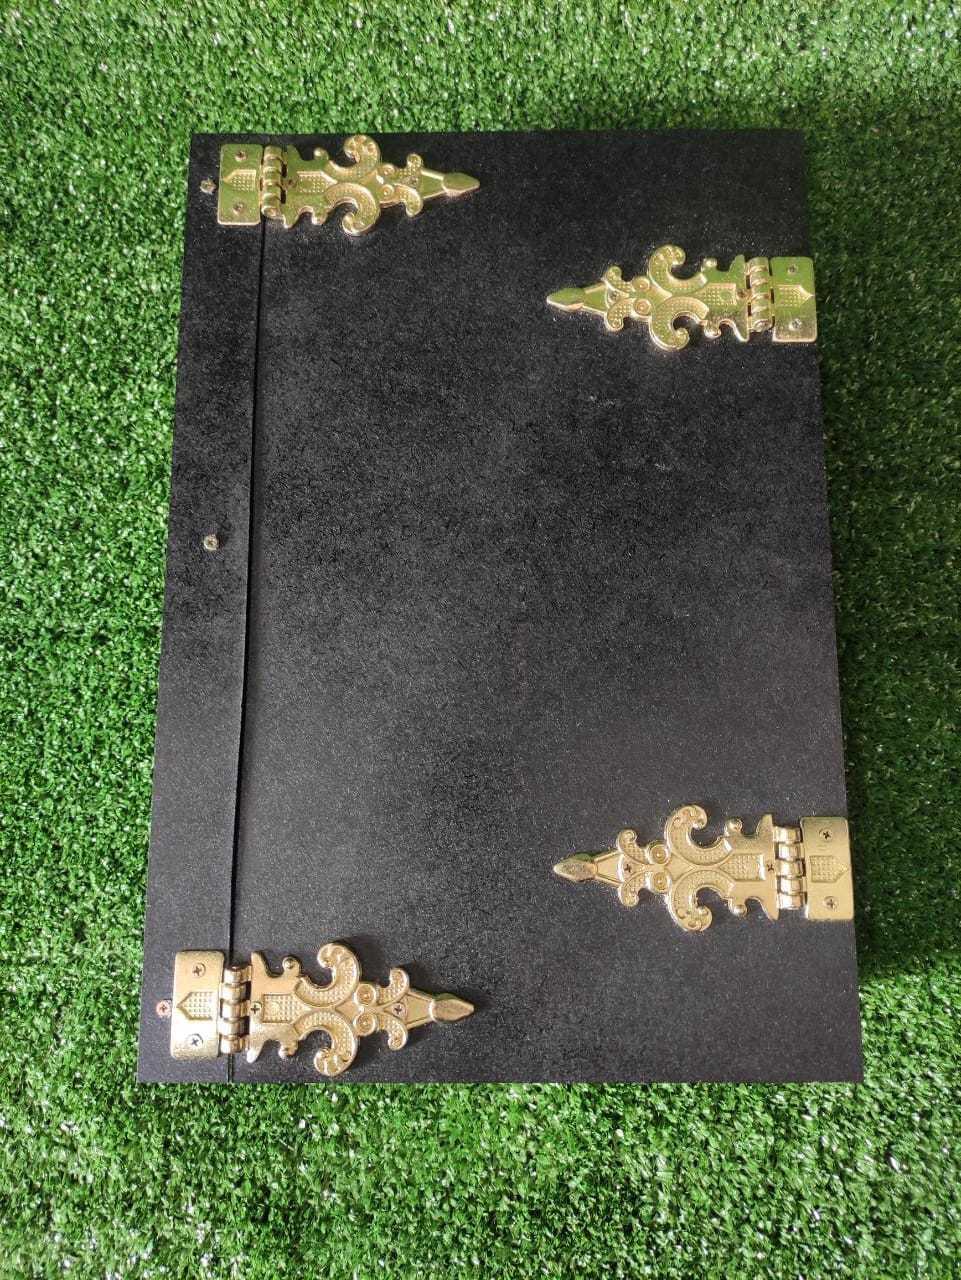 Grimorio A4 mdf com dobradiças 500 folhas brancas com bordas negras